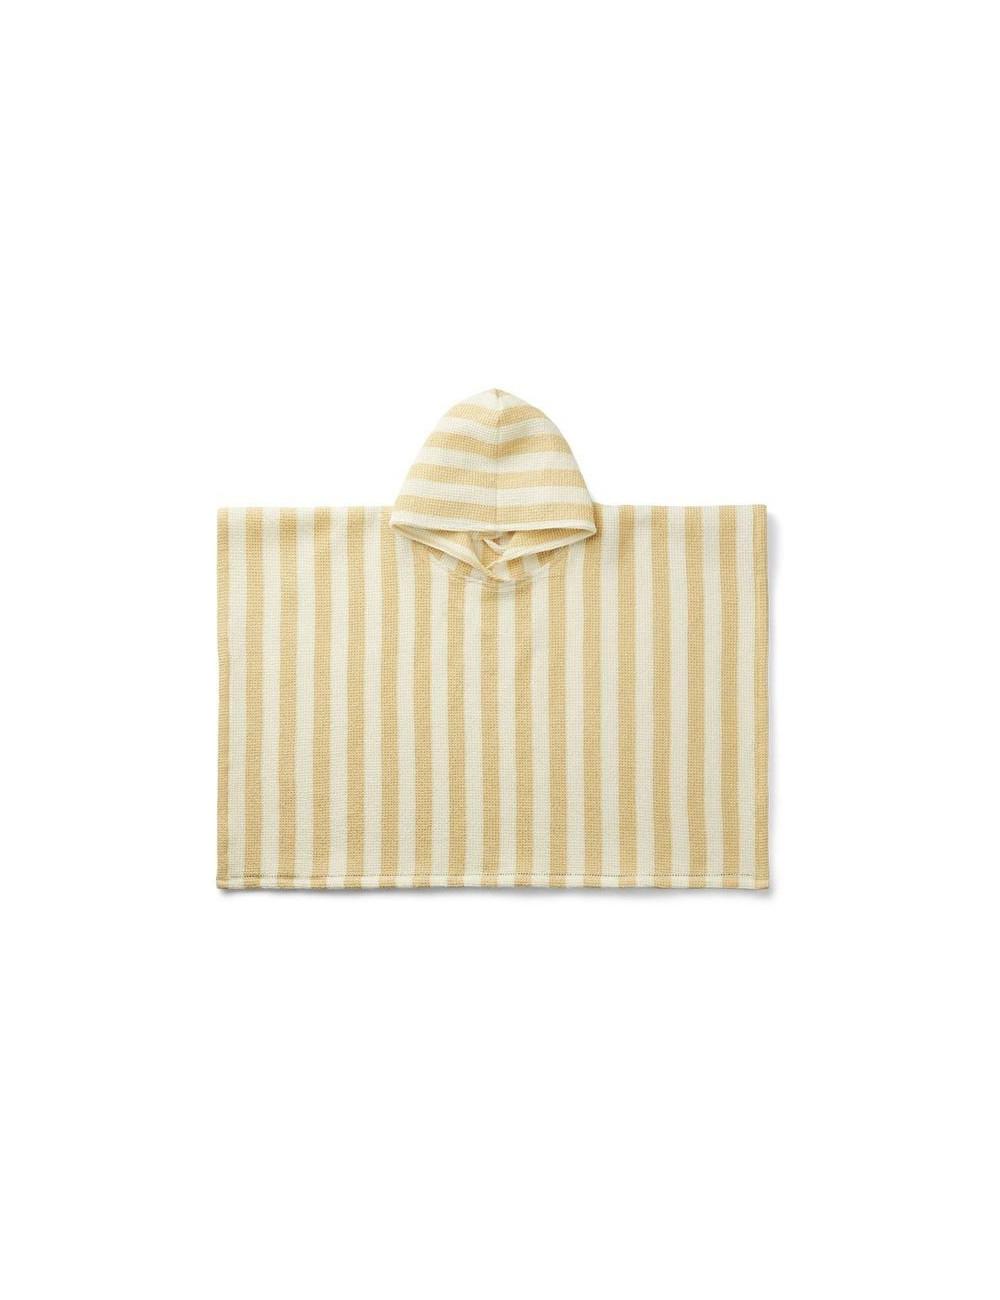 Paco Poncho l wheat yellow/creme de la creme